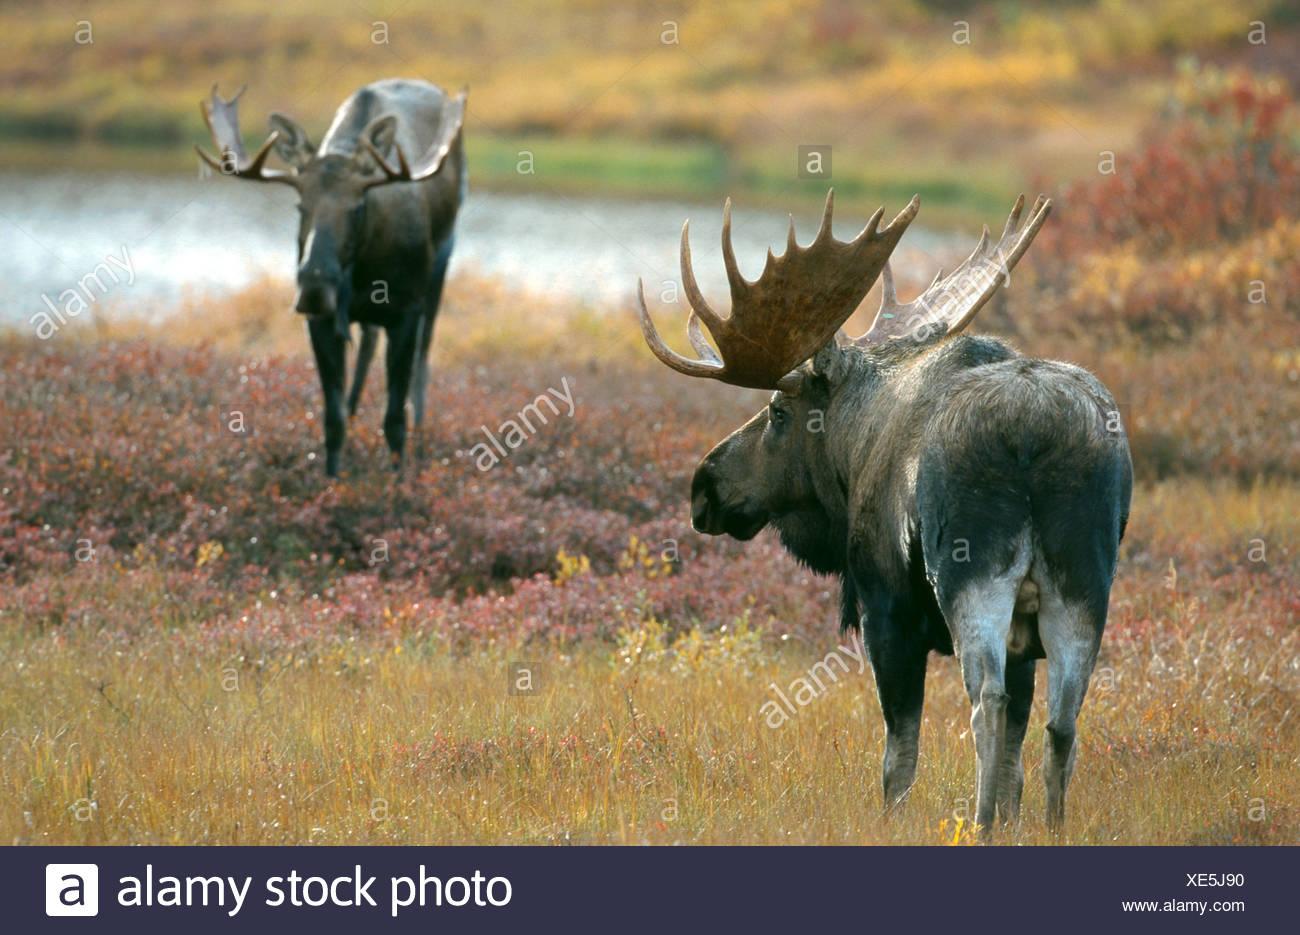 Alaska moose, Tundra moose, Yukon moose (Alces alces gigas